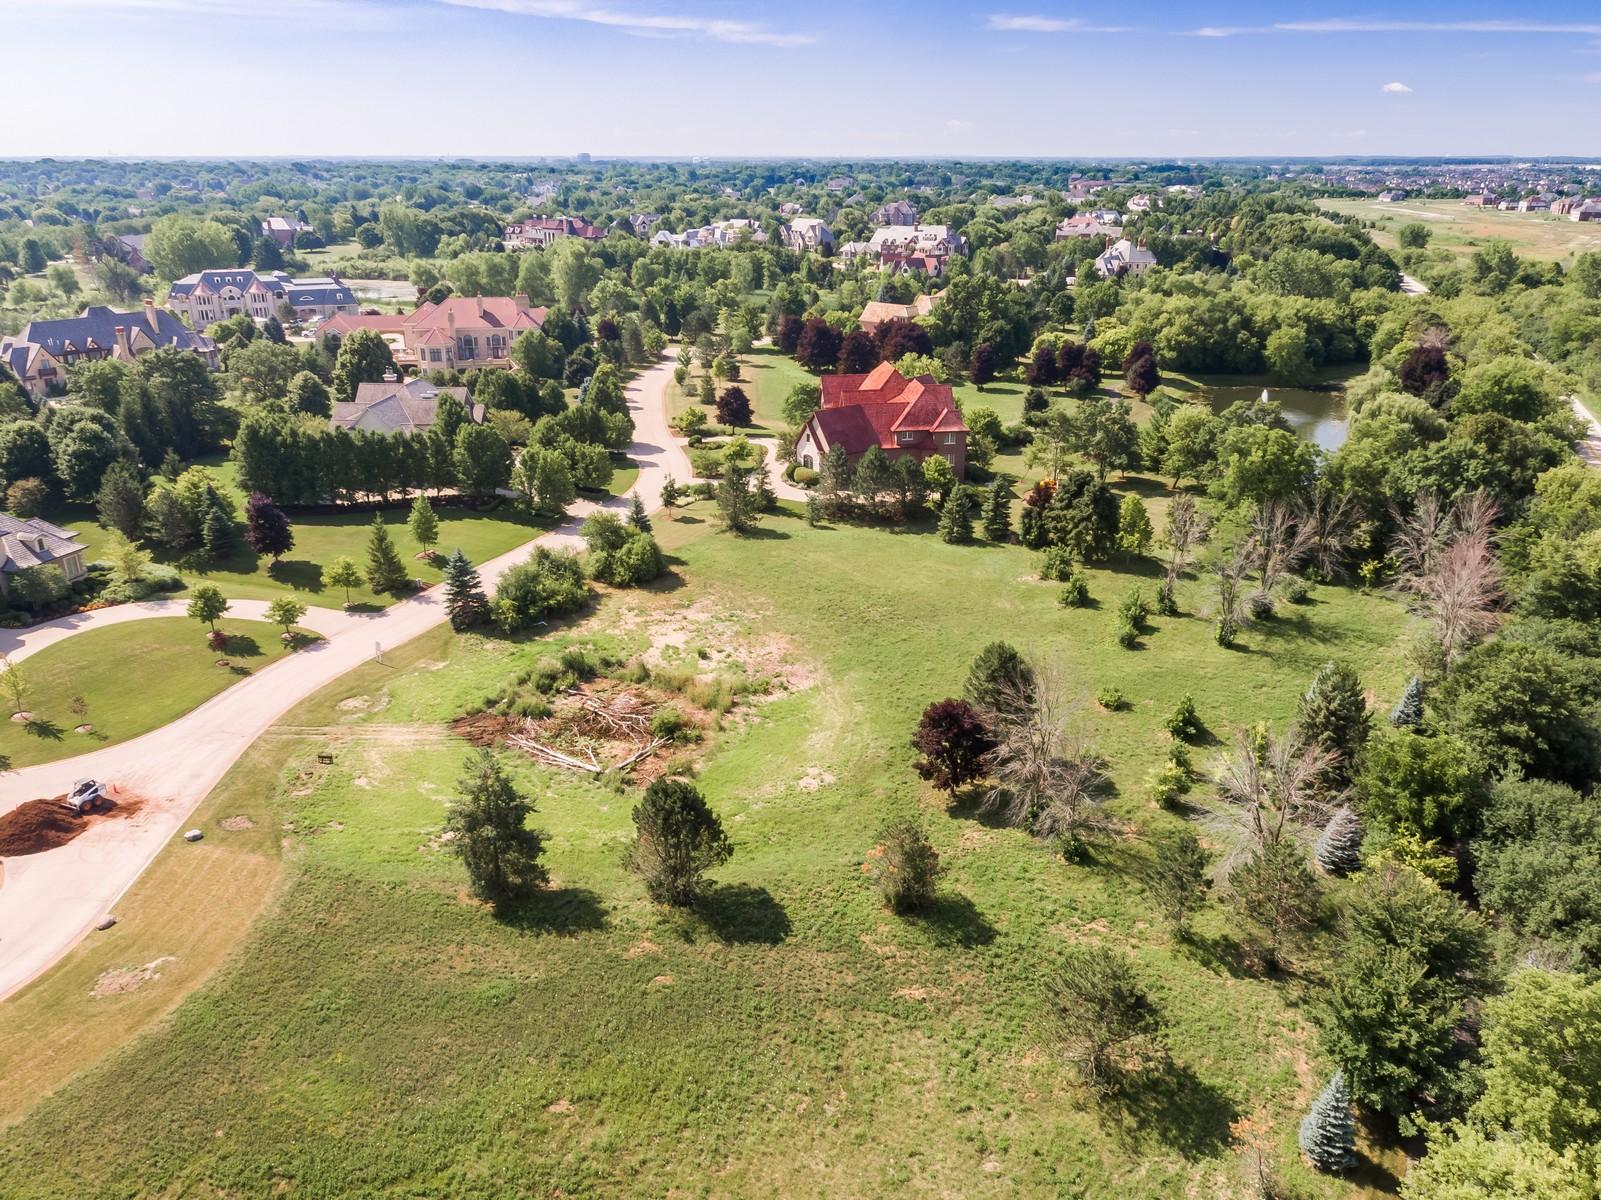 Terreno por un Venta en Incredible 1.3 Acre Estate Lot in Hidden Lakes 18 Brooke Lane Lot 32 South Barrington, Illinois, 60010 Estados Unidos